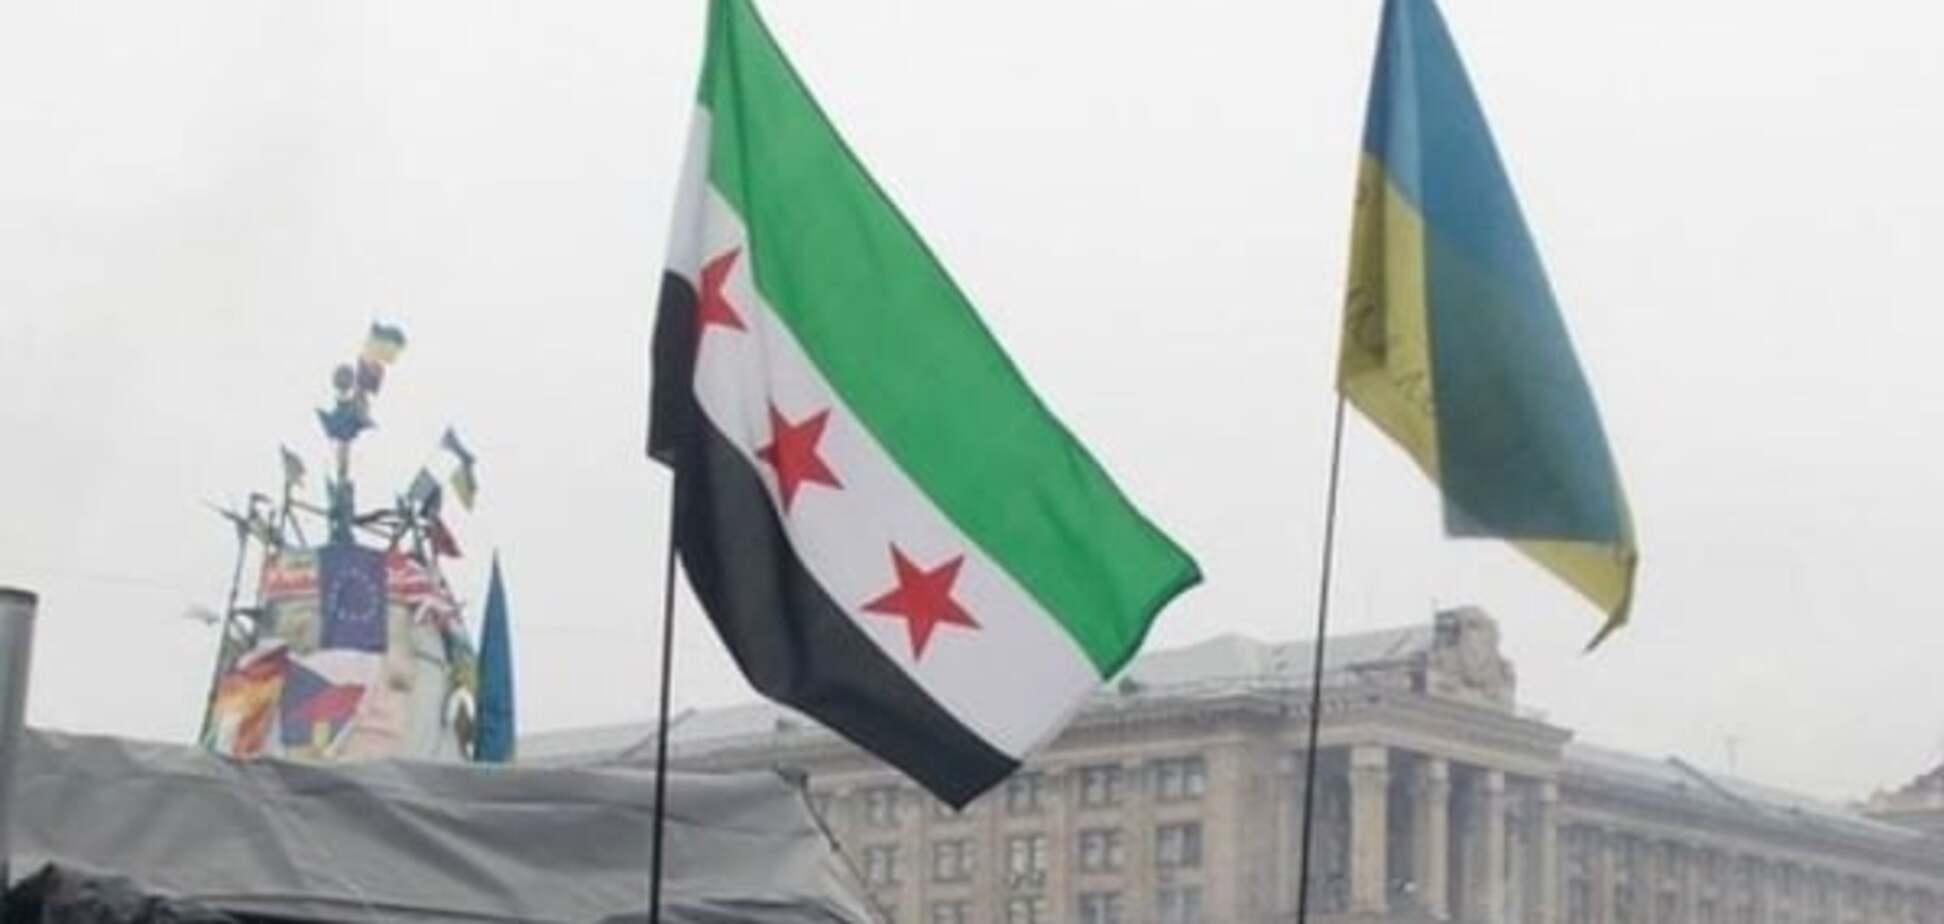 Украина и Сирия. Что связывает эти страны Евразийского континента?